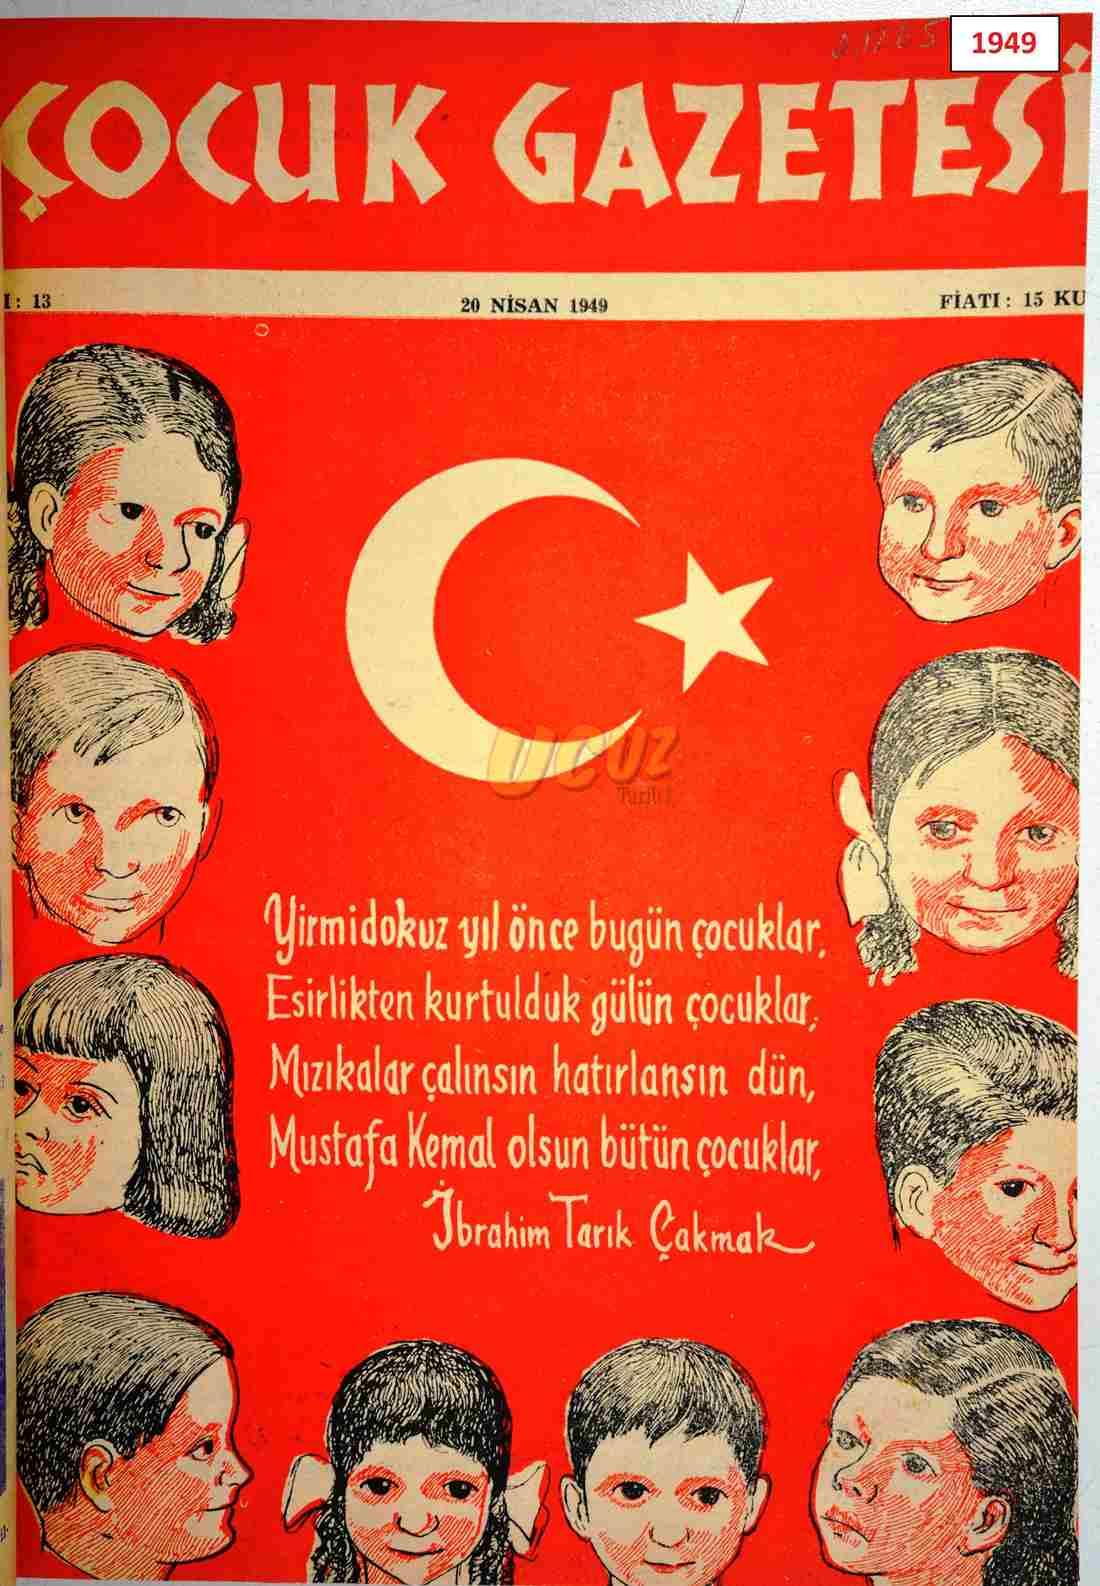 1949 çocuk gazetesi 1